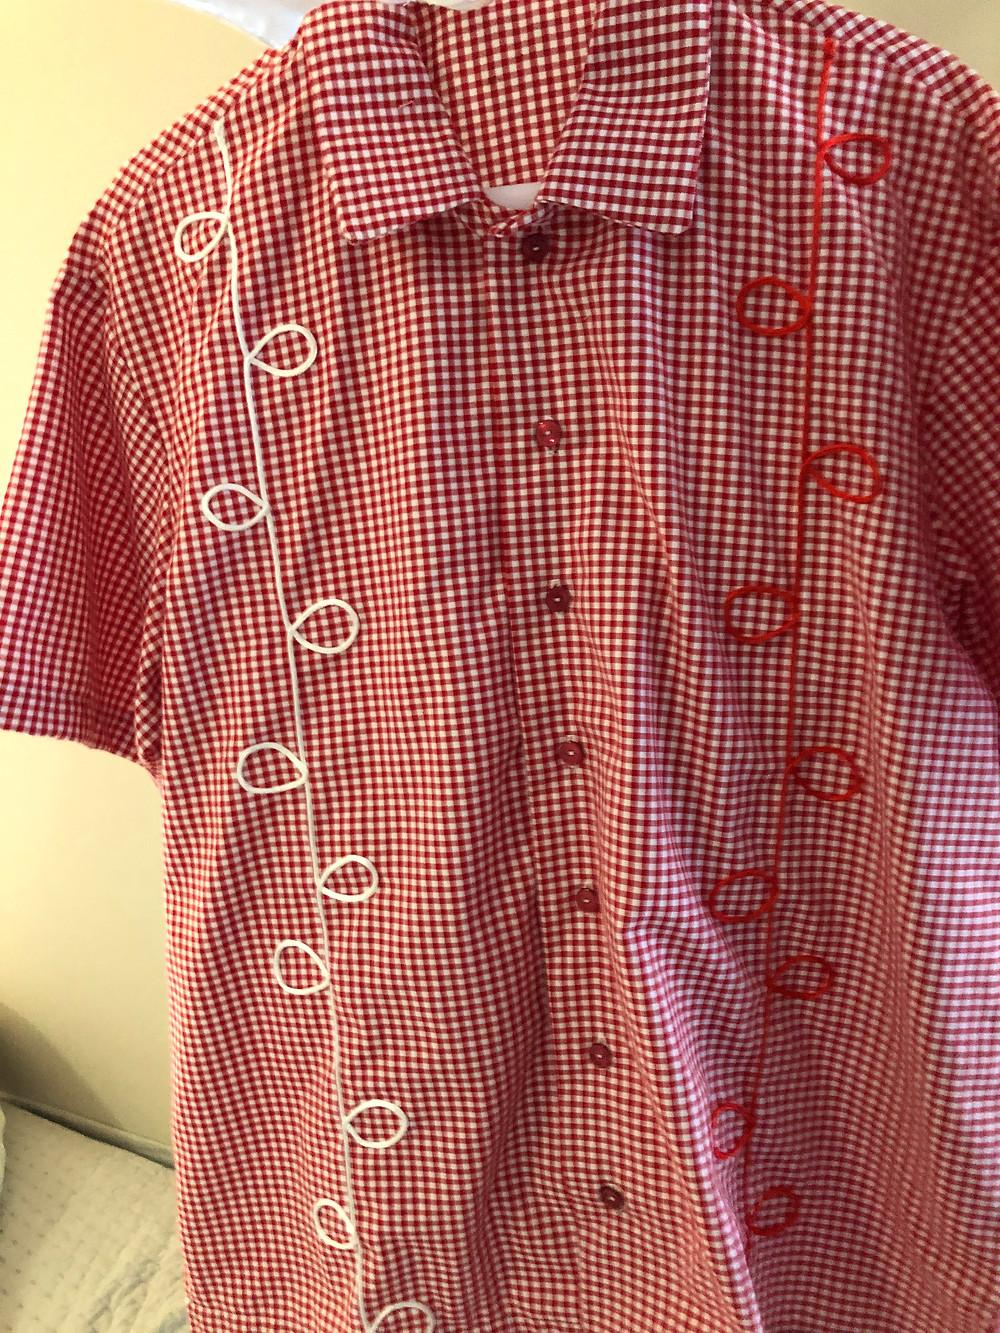 Red gingham shirt for an iyawo Shango